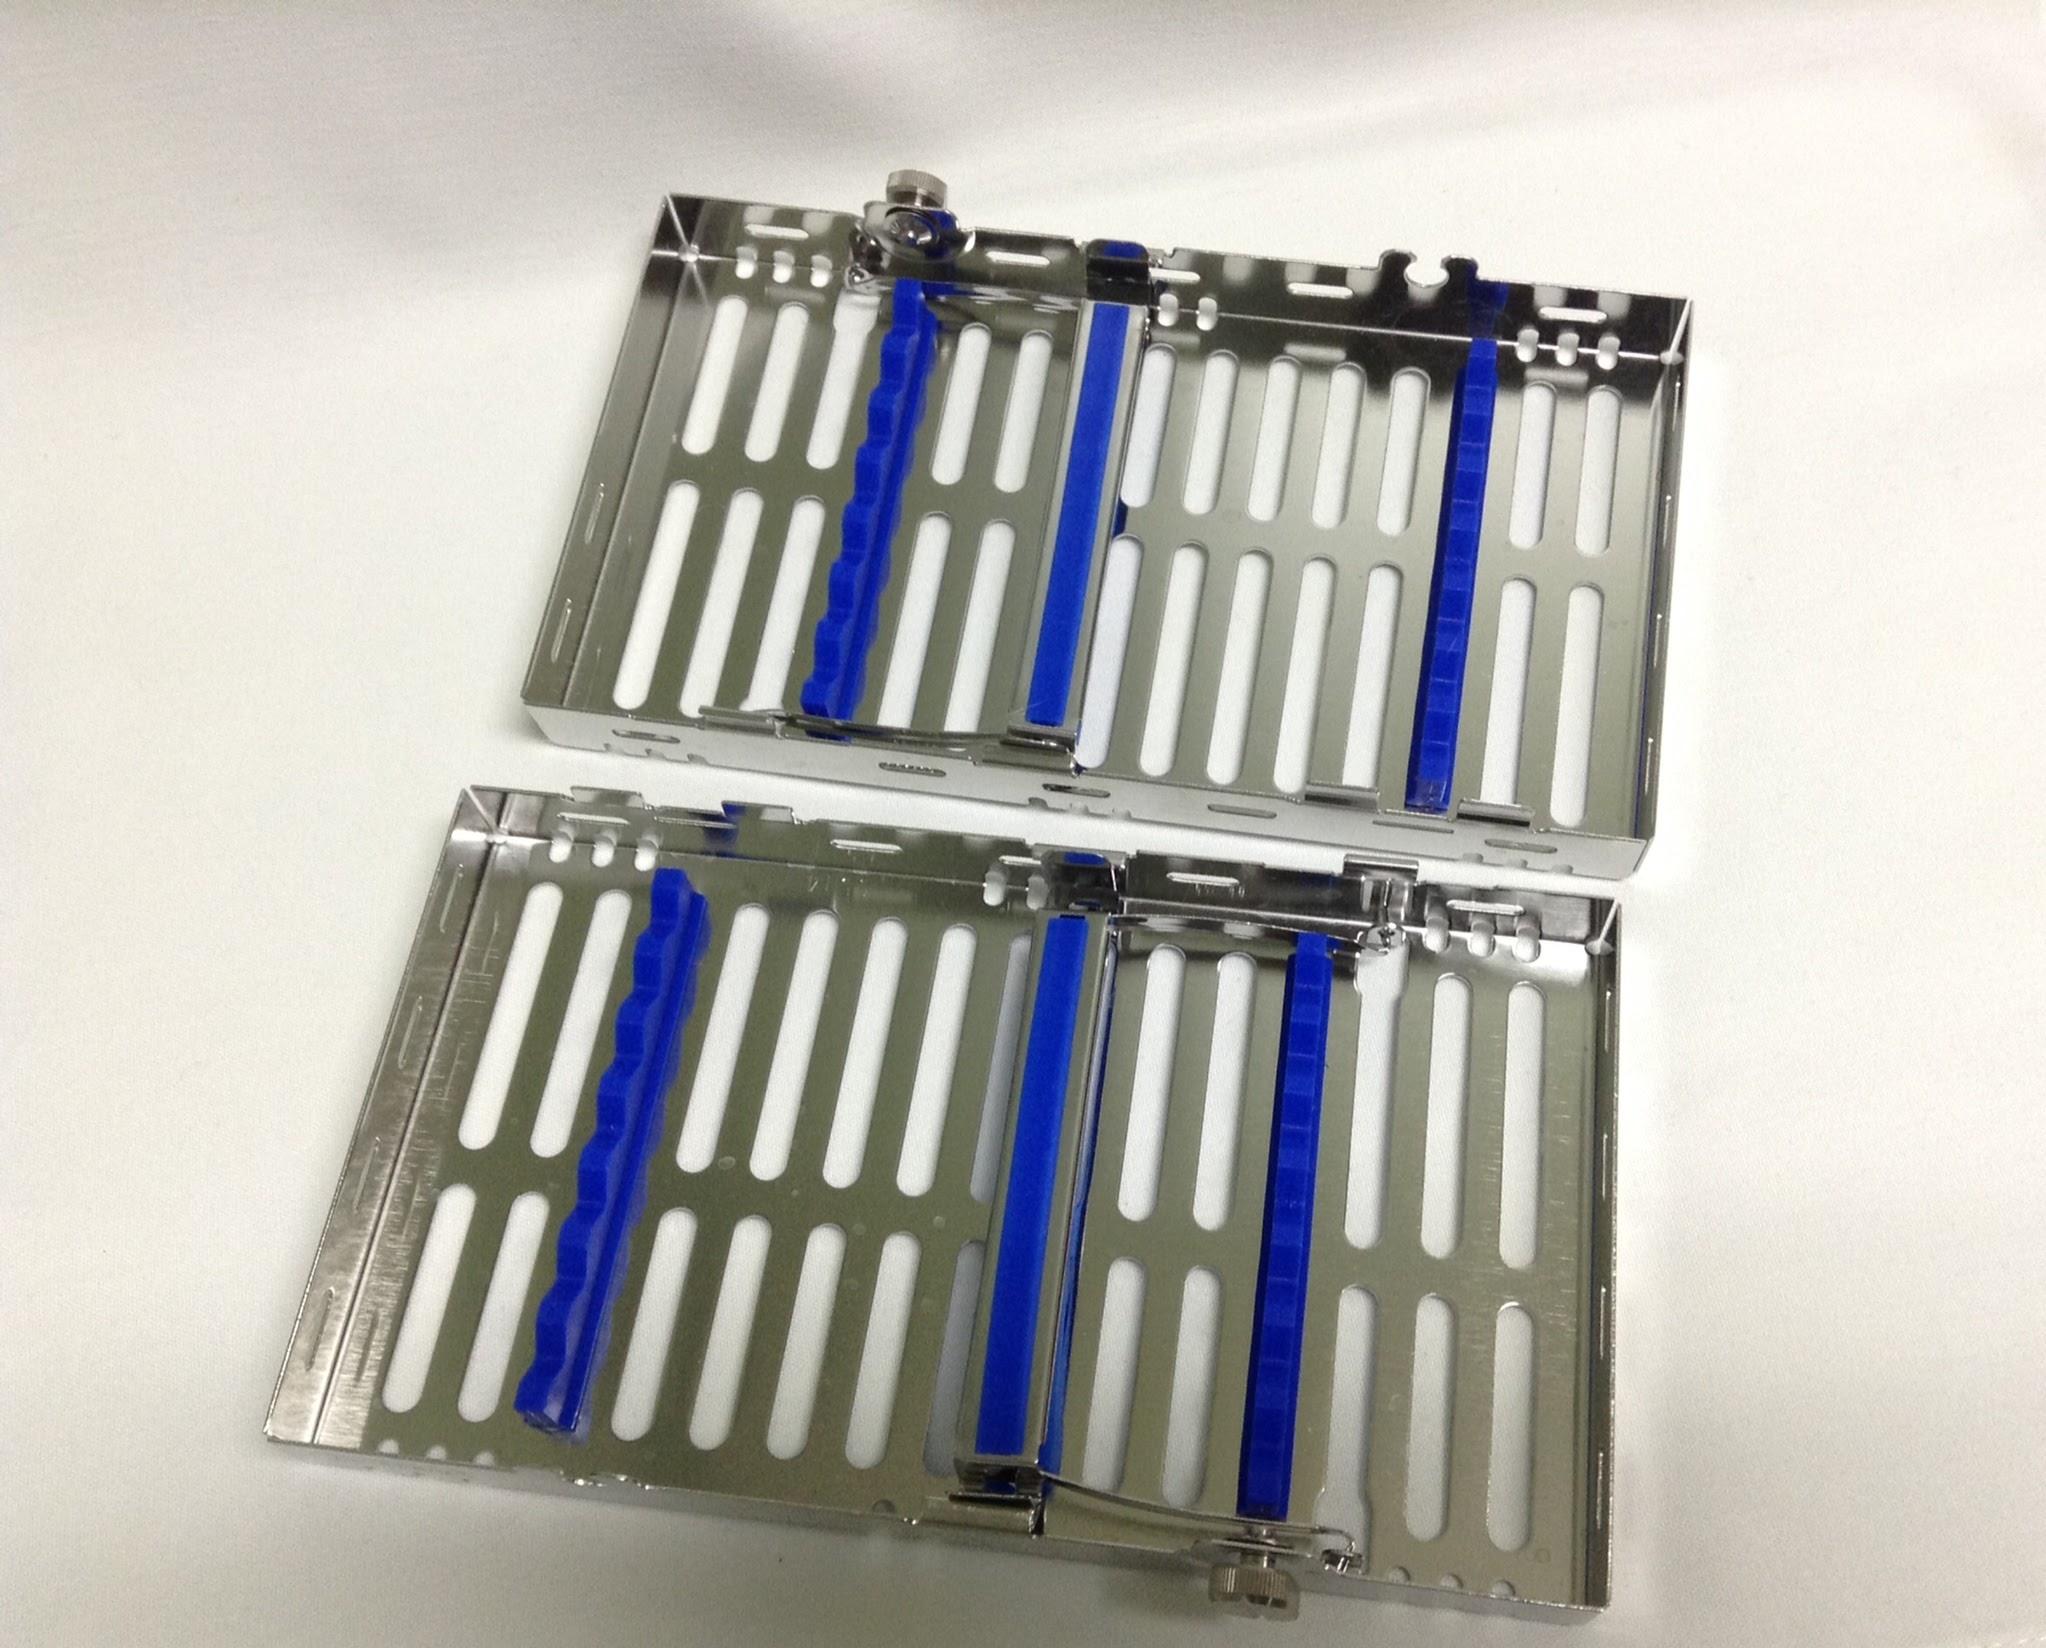 IMS Signature Double Decker 14 Instrument Cassette